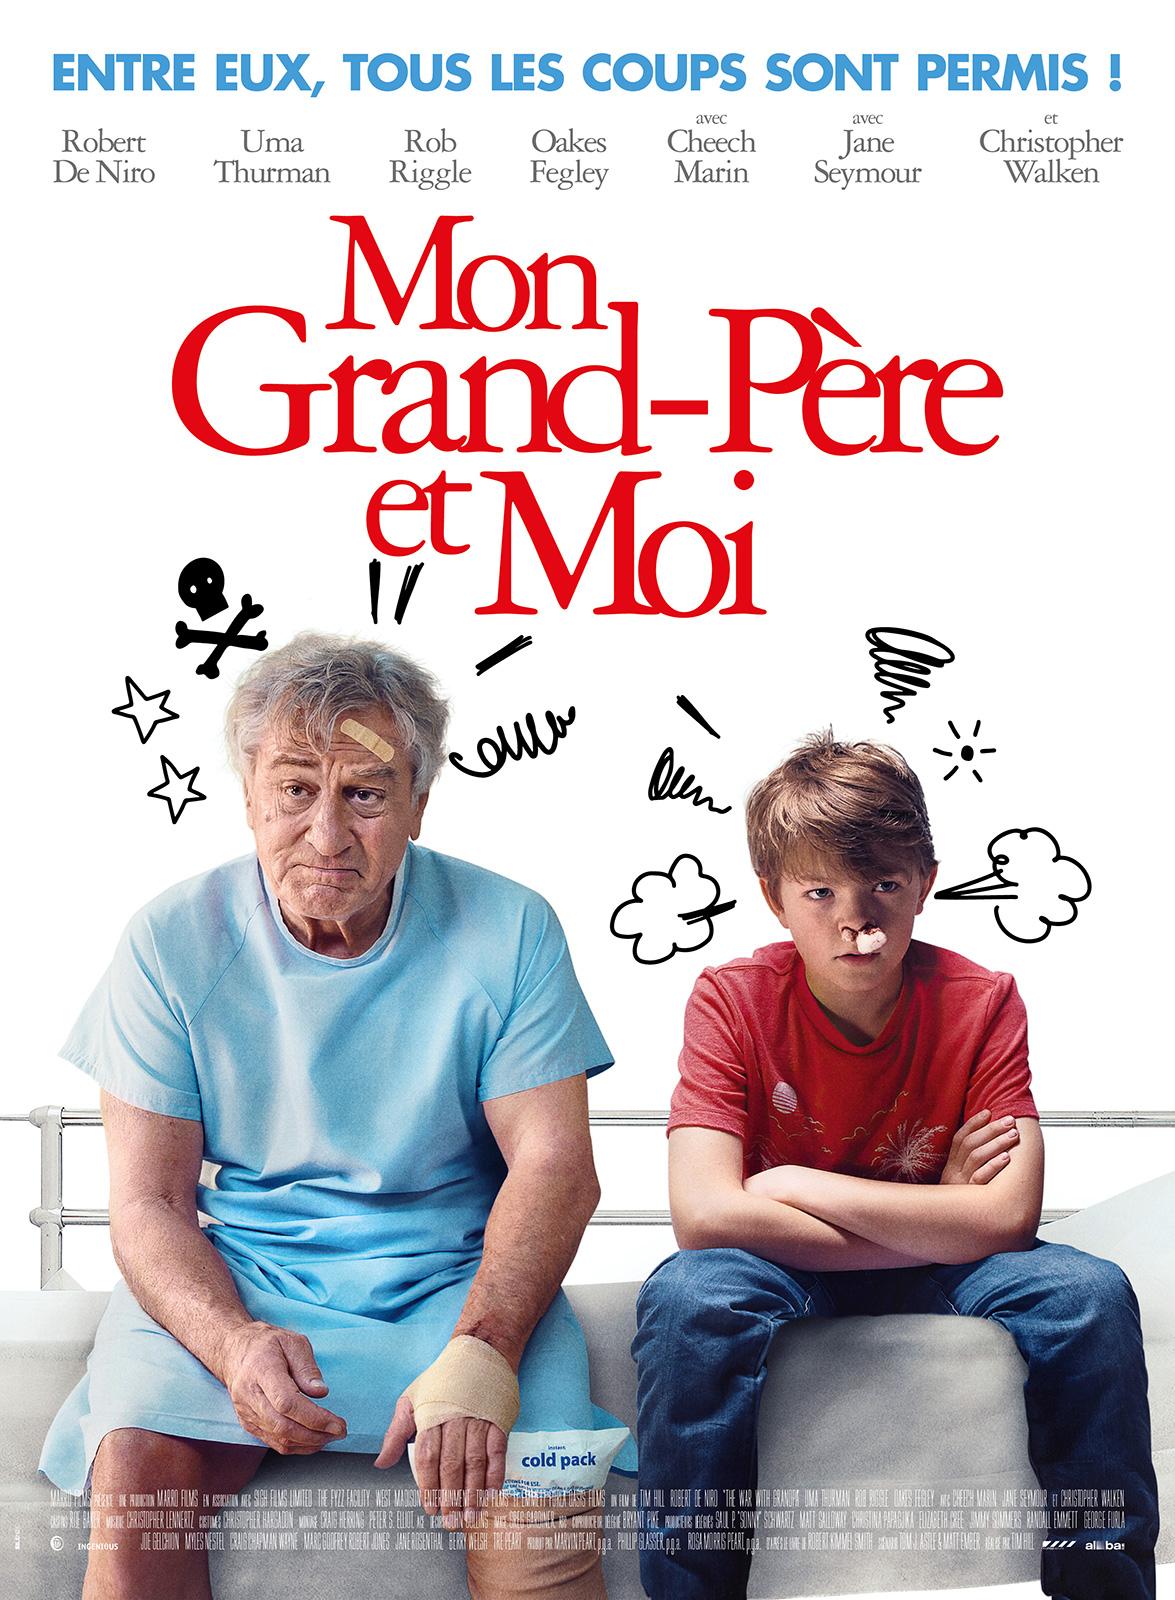 MON GRAND-PERE ET MOI